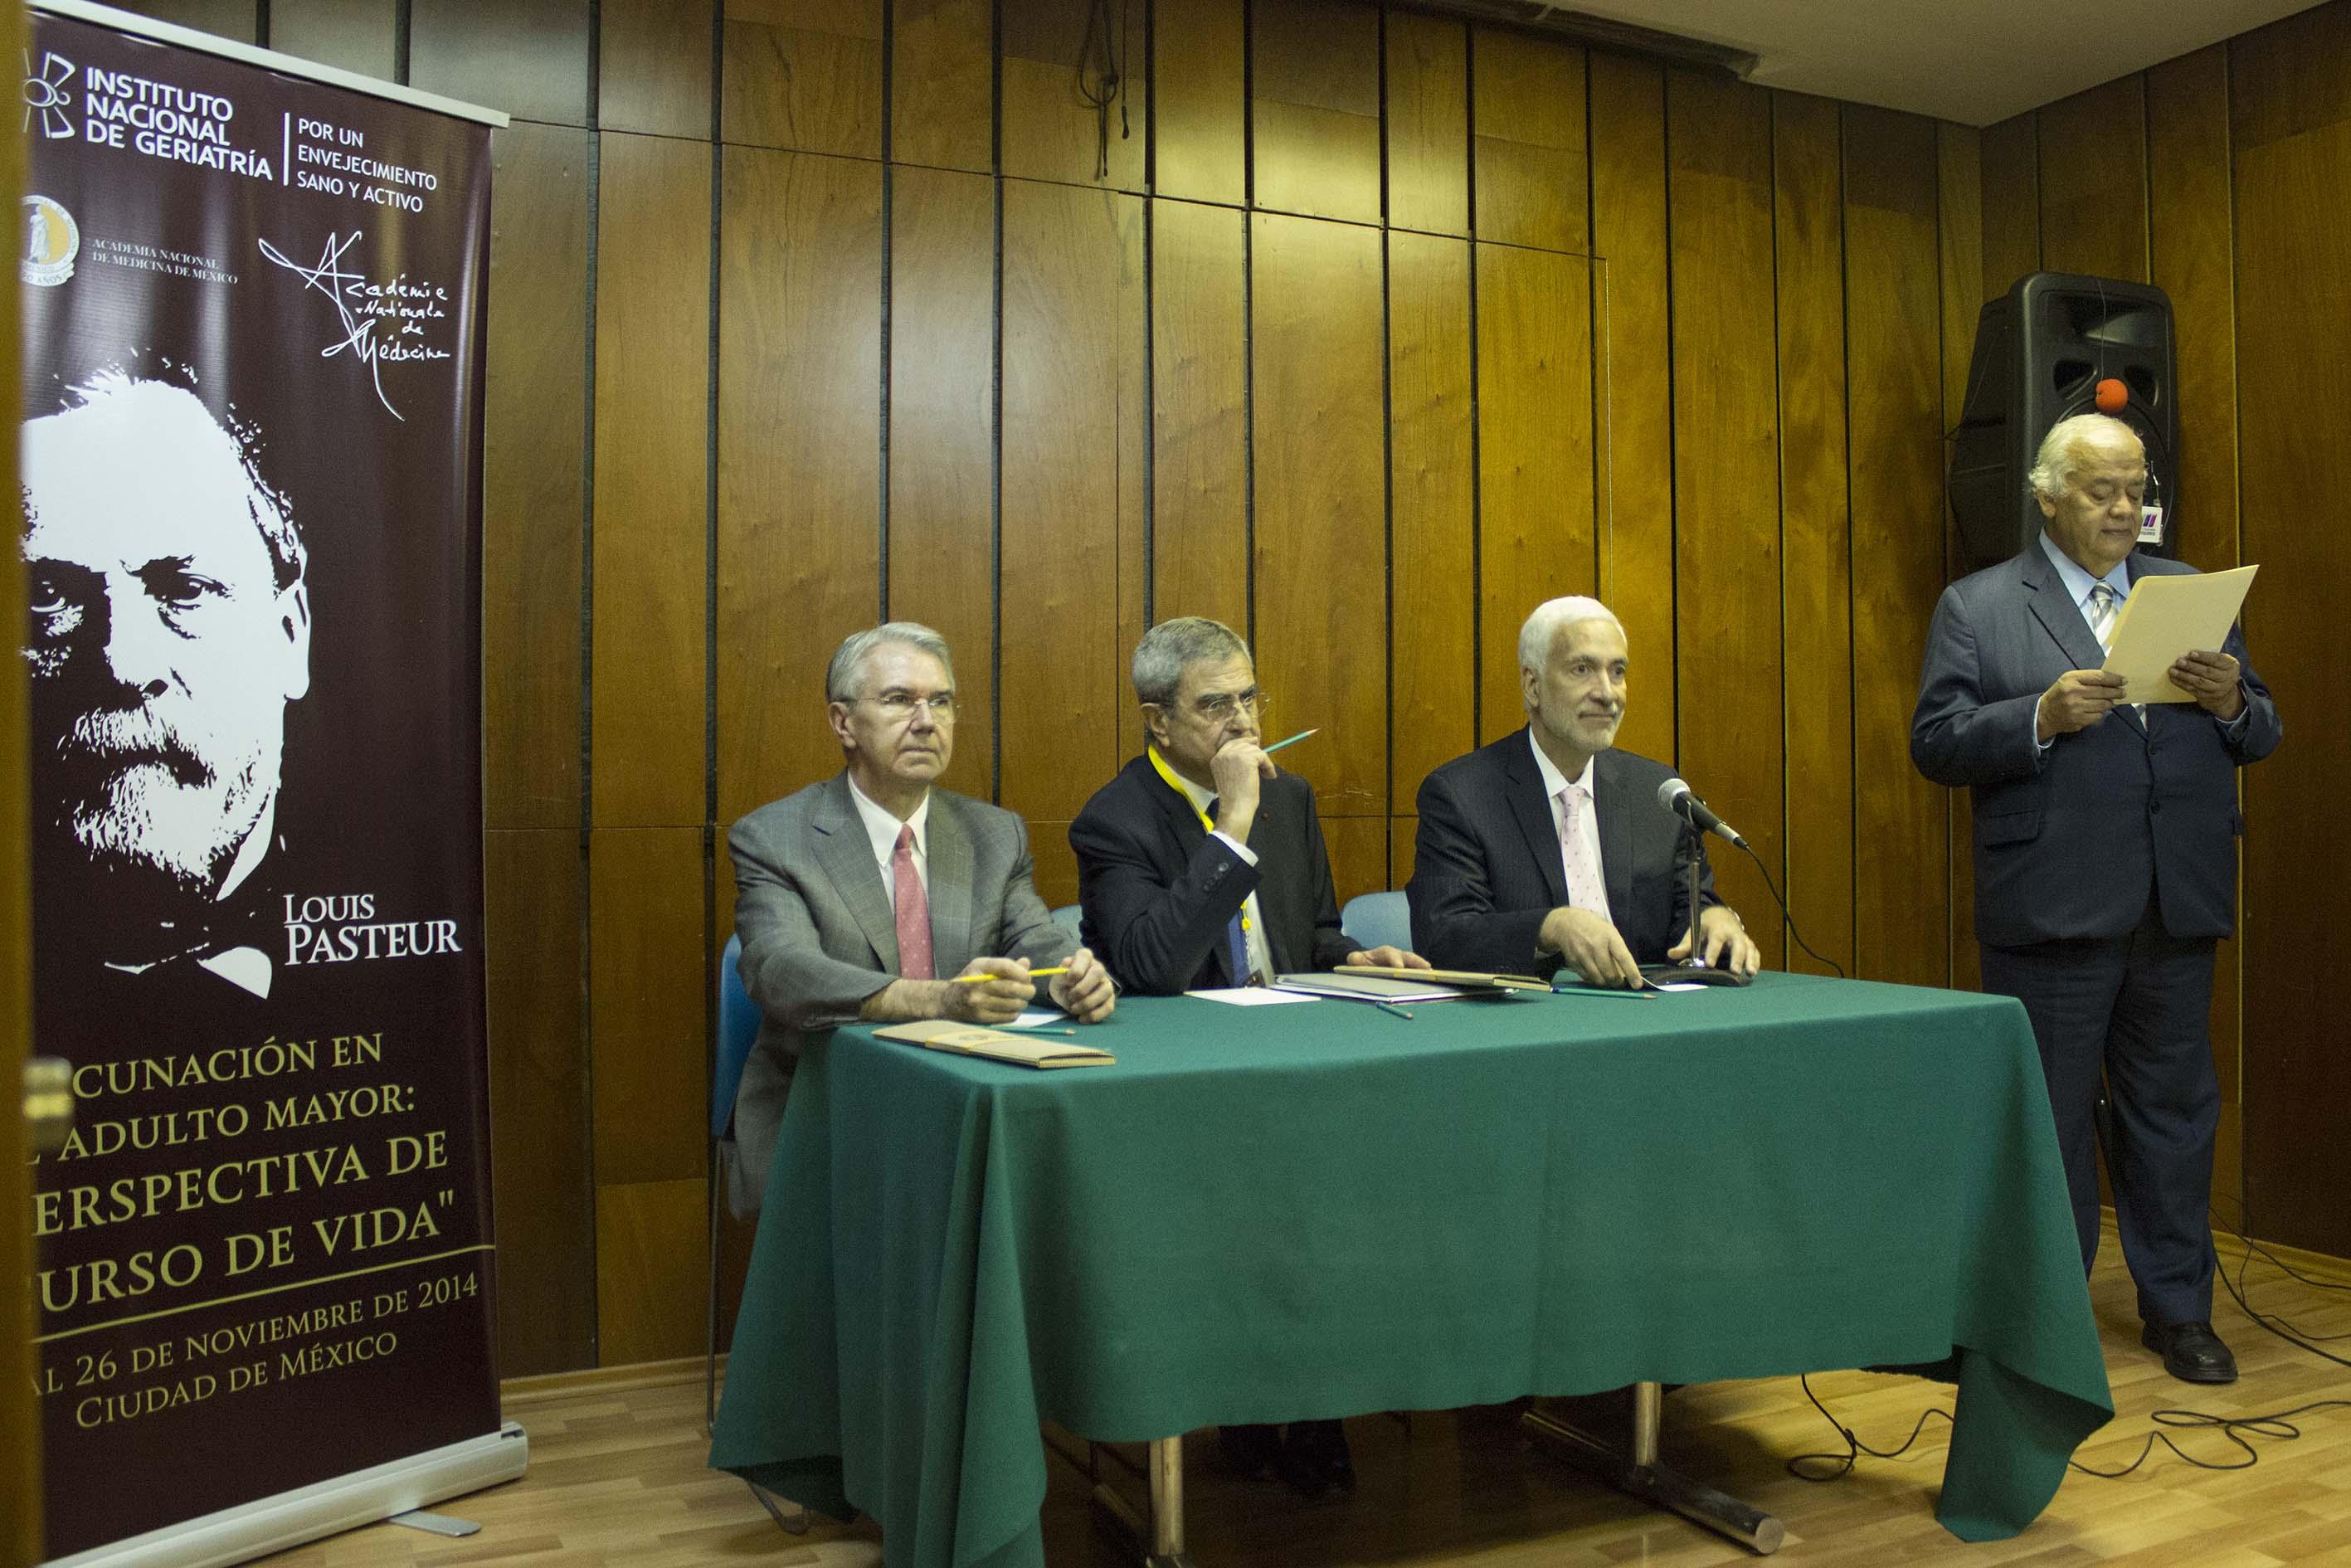 CONFERENCIA DE PRENSA VACUNACIu00D3N EN EL ADULTO MAYOR PERSPECTIVA DE CURSO DE VIDA261114  1 .jpg